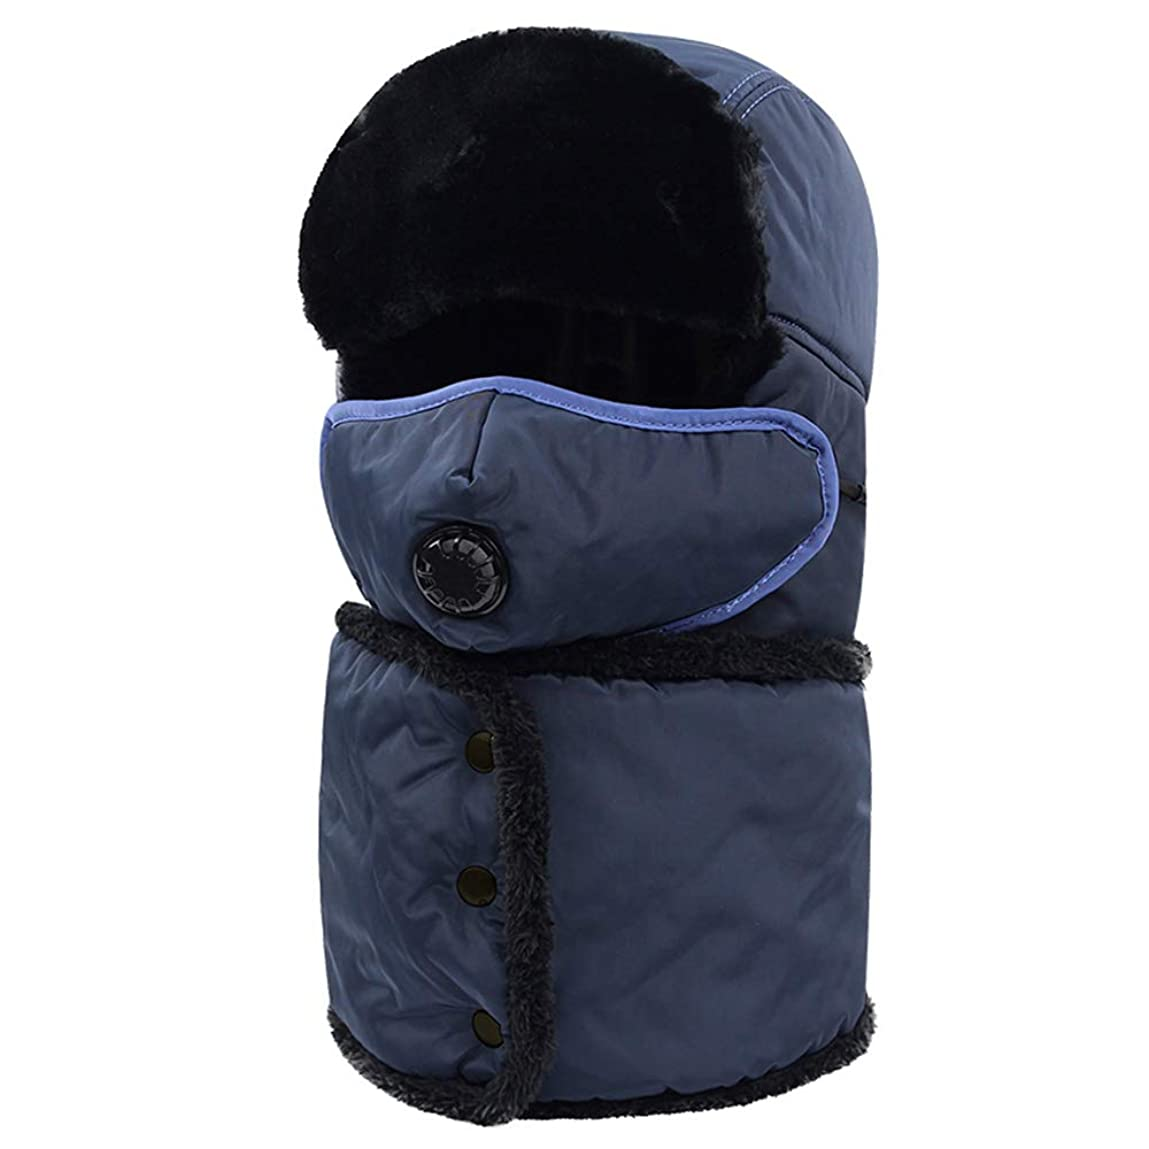 深くささやき家庭ロシアのパイロット冬用帽子、完全防風防風暖かいLeifengキャップ、取り外し可能なマスク、サイクリング、スキー、屋外に適しています